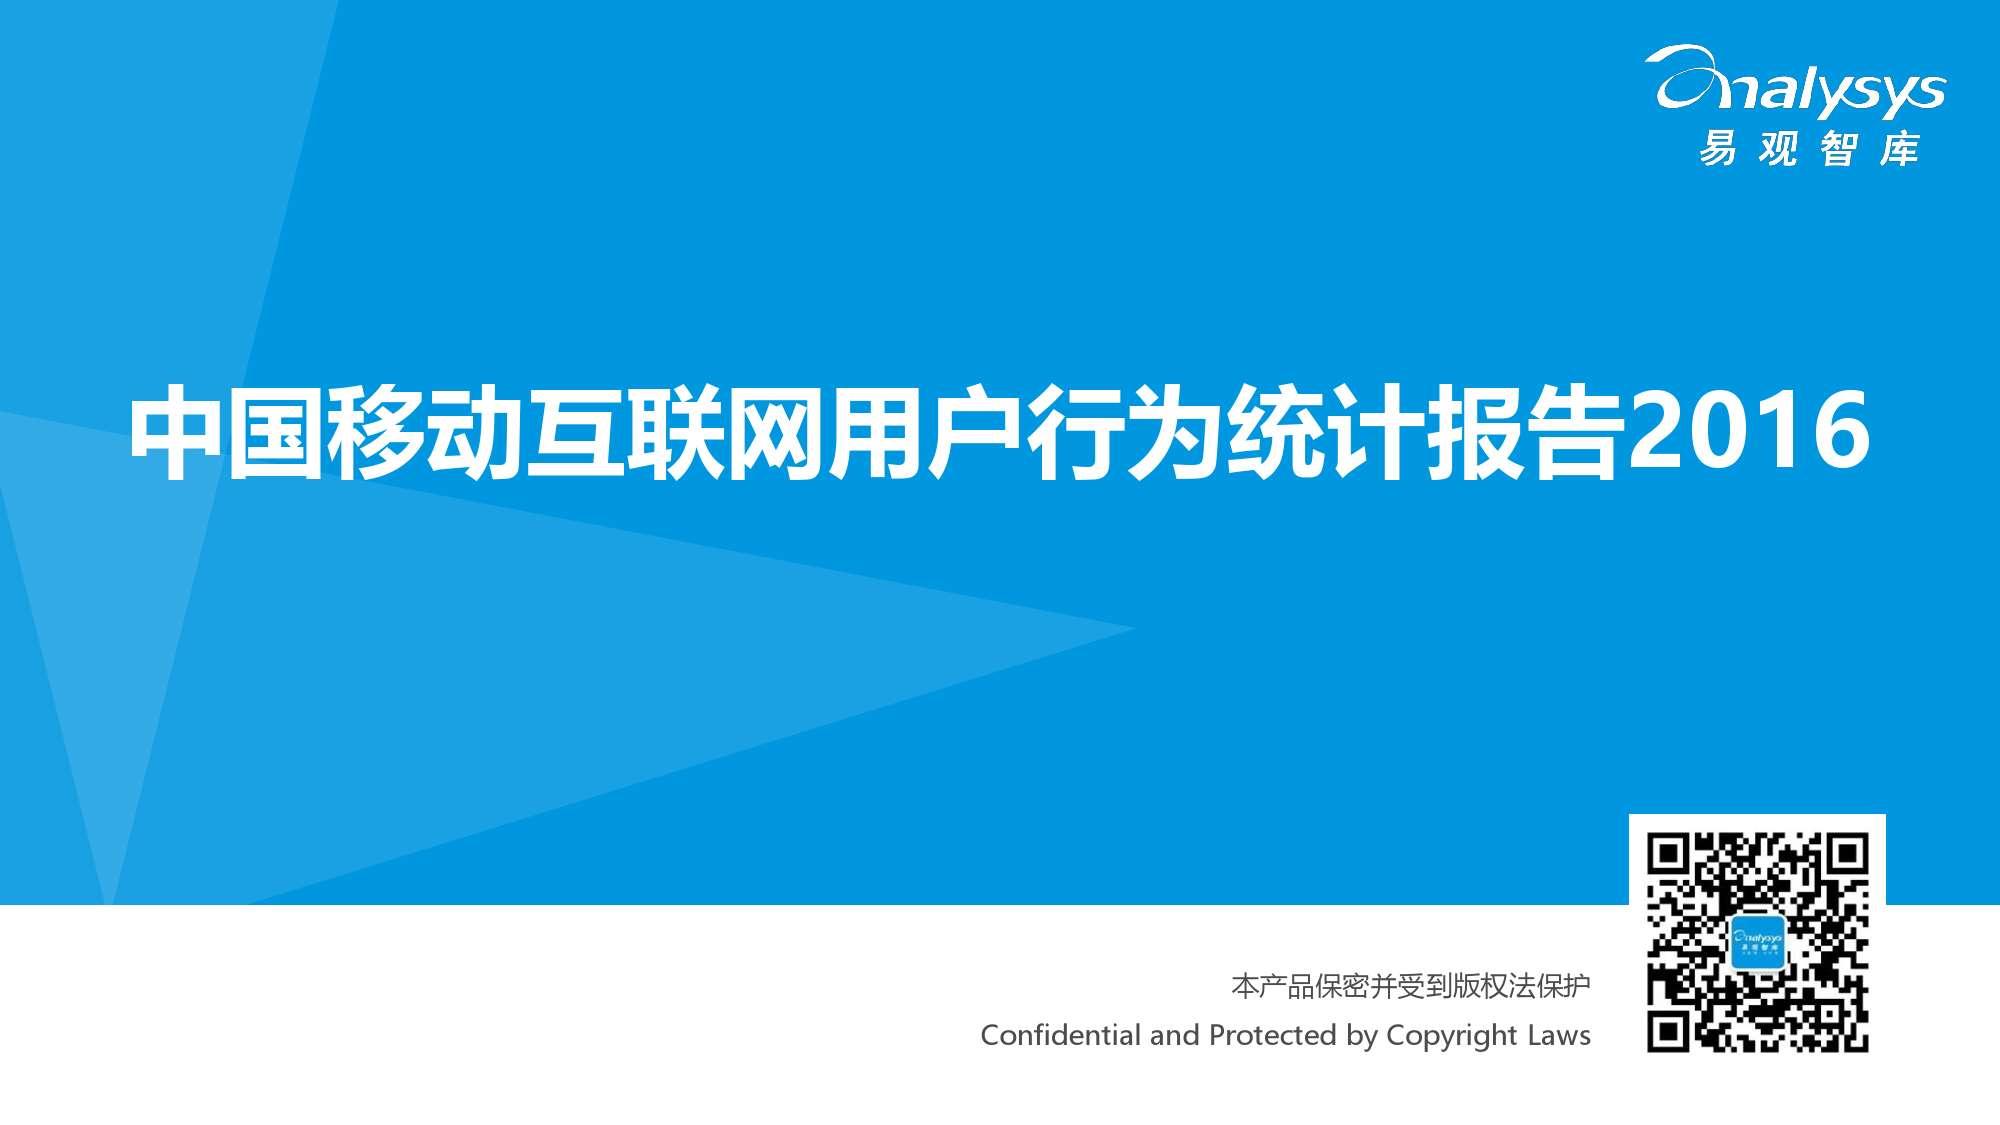 中国移动互联网用户行为统计报告2016_000001